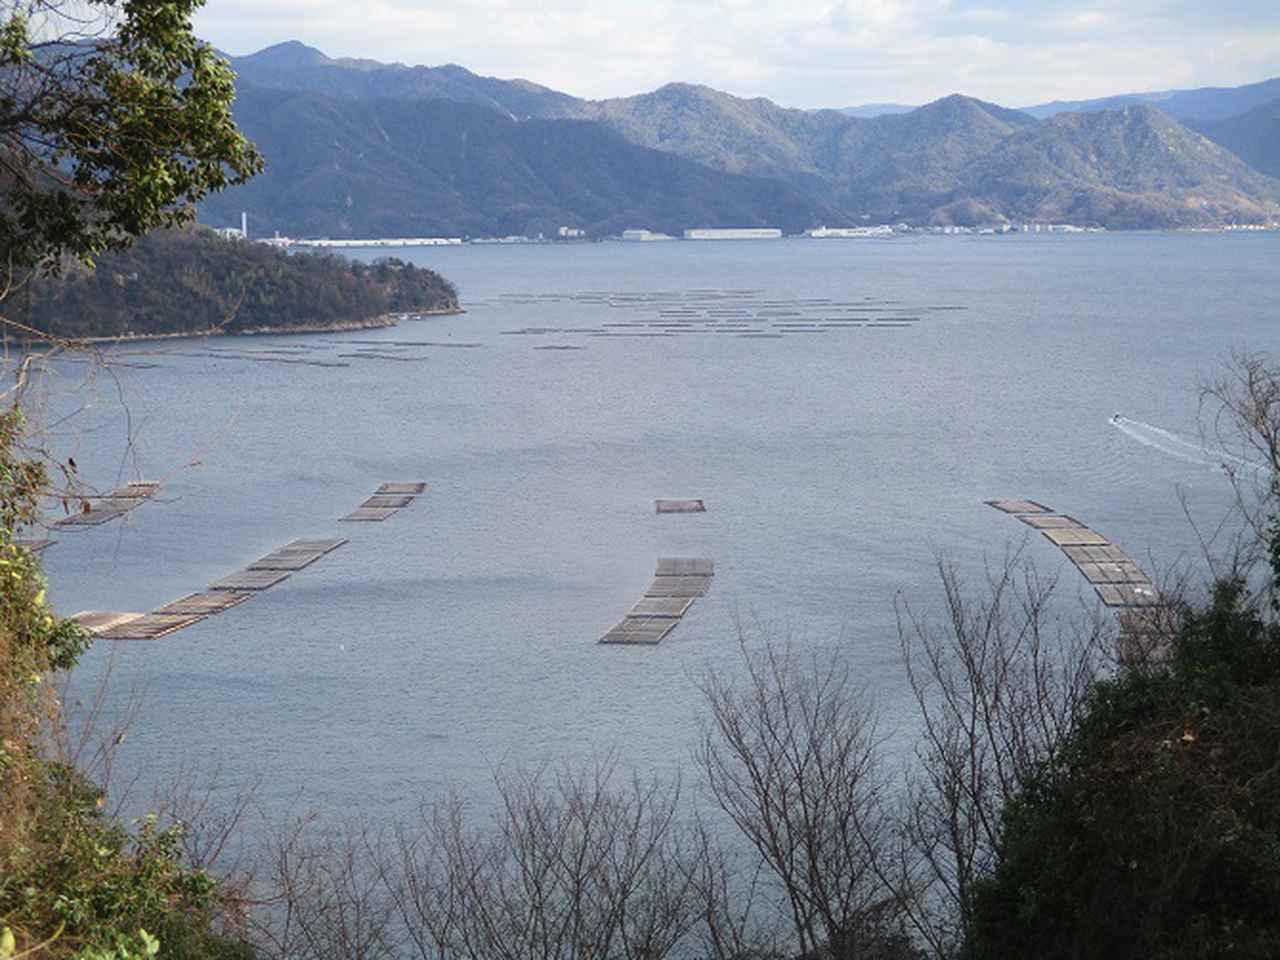 画像7: 来年冬の企画素材を探して、わが故郷・広島県の山を歩いてみました!